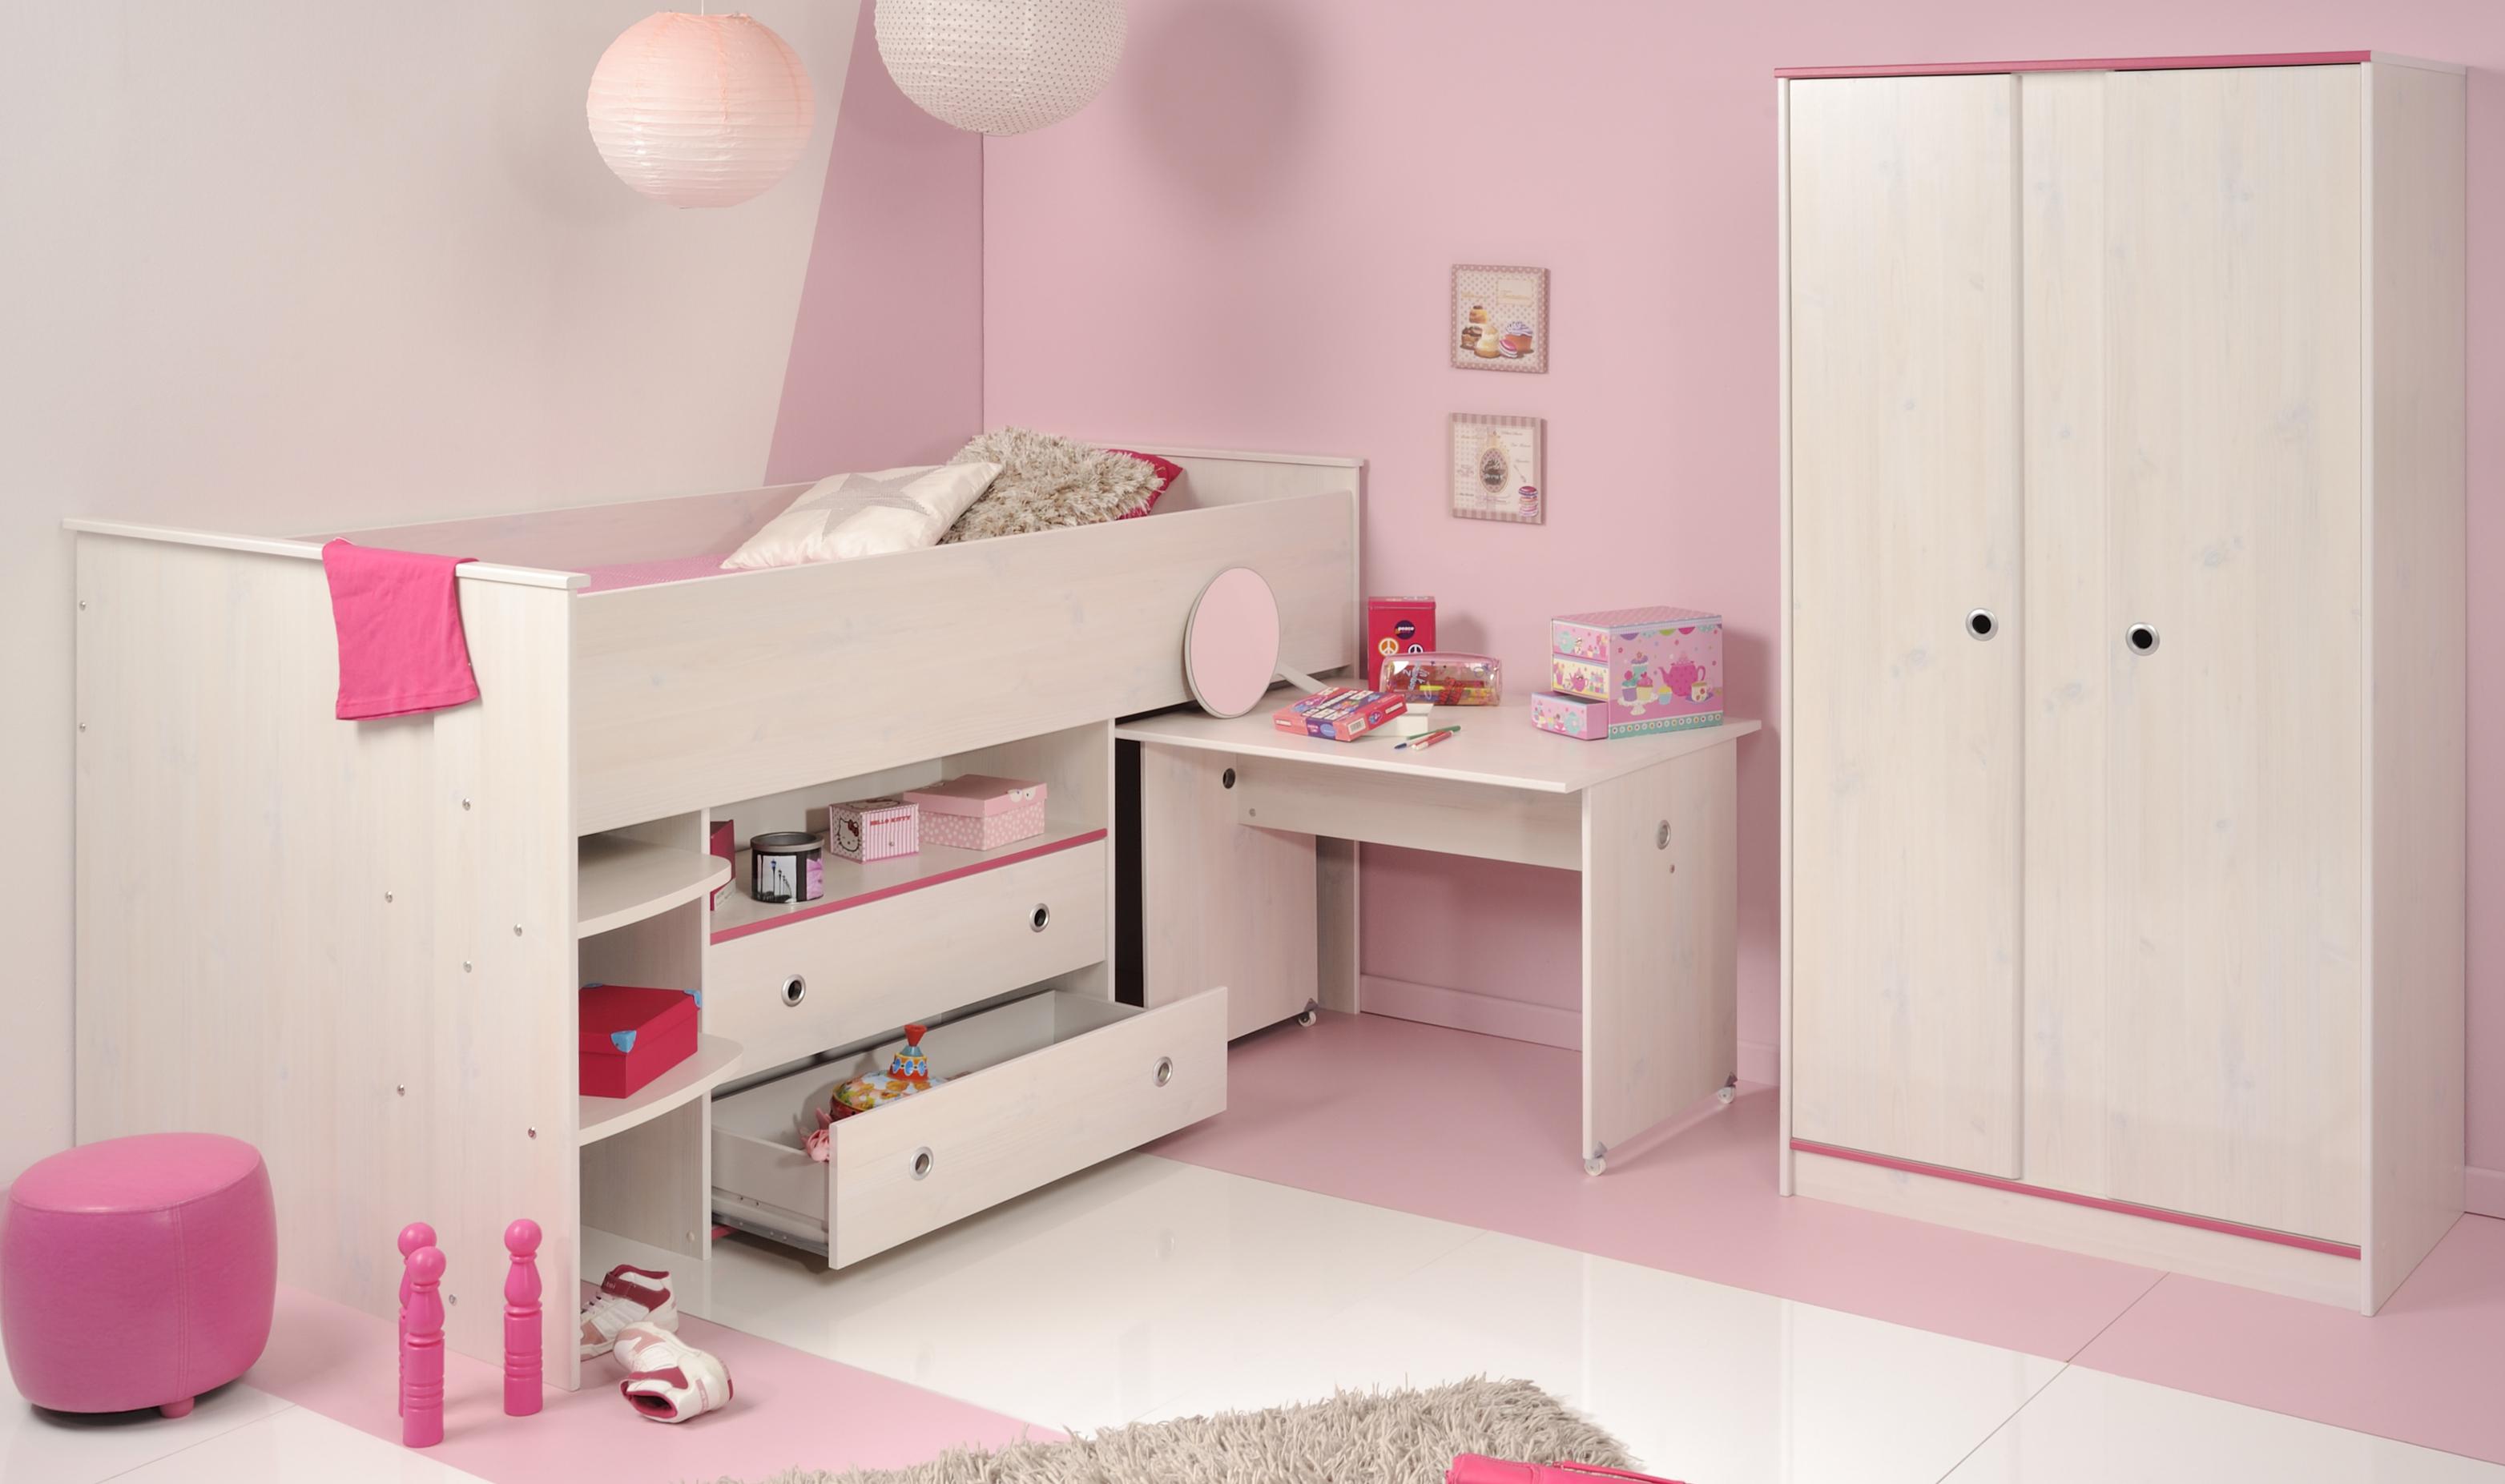 Schlafzimmer 2-tlg. inkl 90x200 Hochbett Smoozy 25b von Parisot Kiefer Weiss / Pink